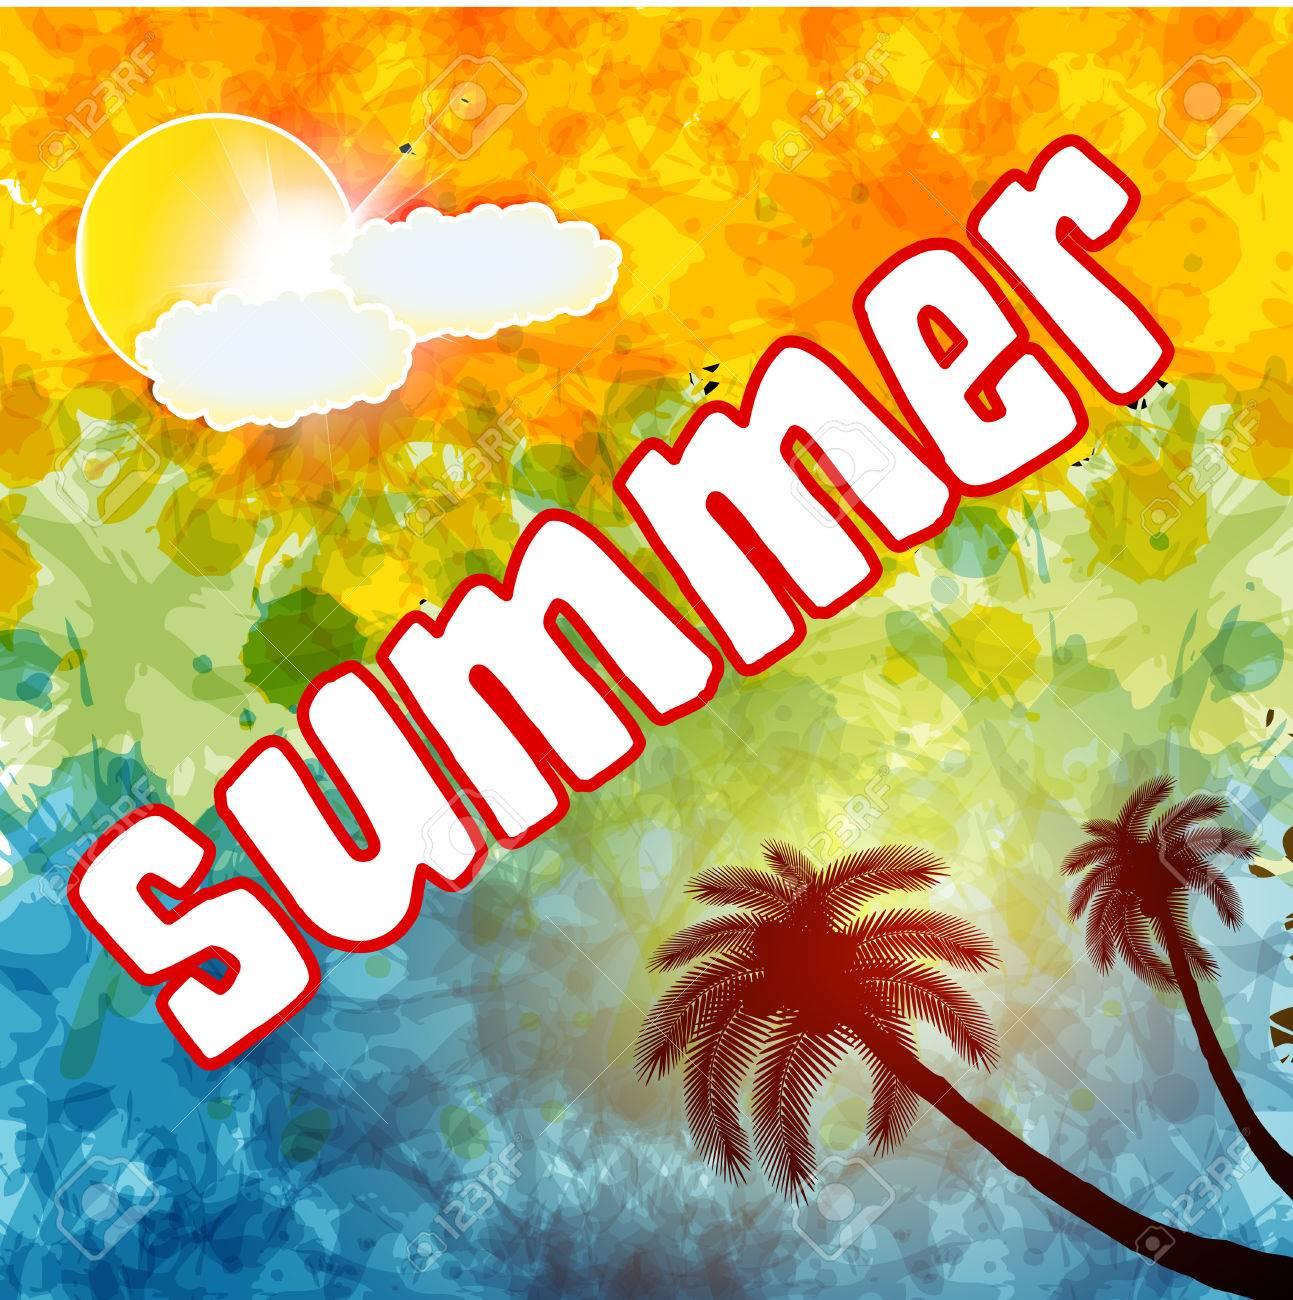 Summer Time Text Summer Daysummer Wallpapersummer Background 1293x1300